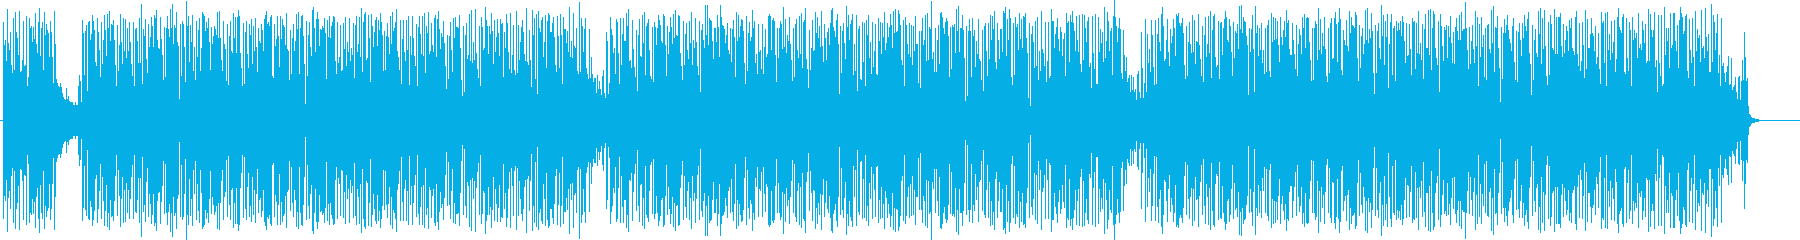 ほのぼの 昼さがり 青空 散歩の再生済みの波形